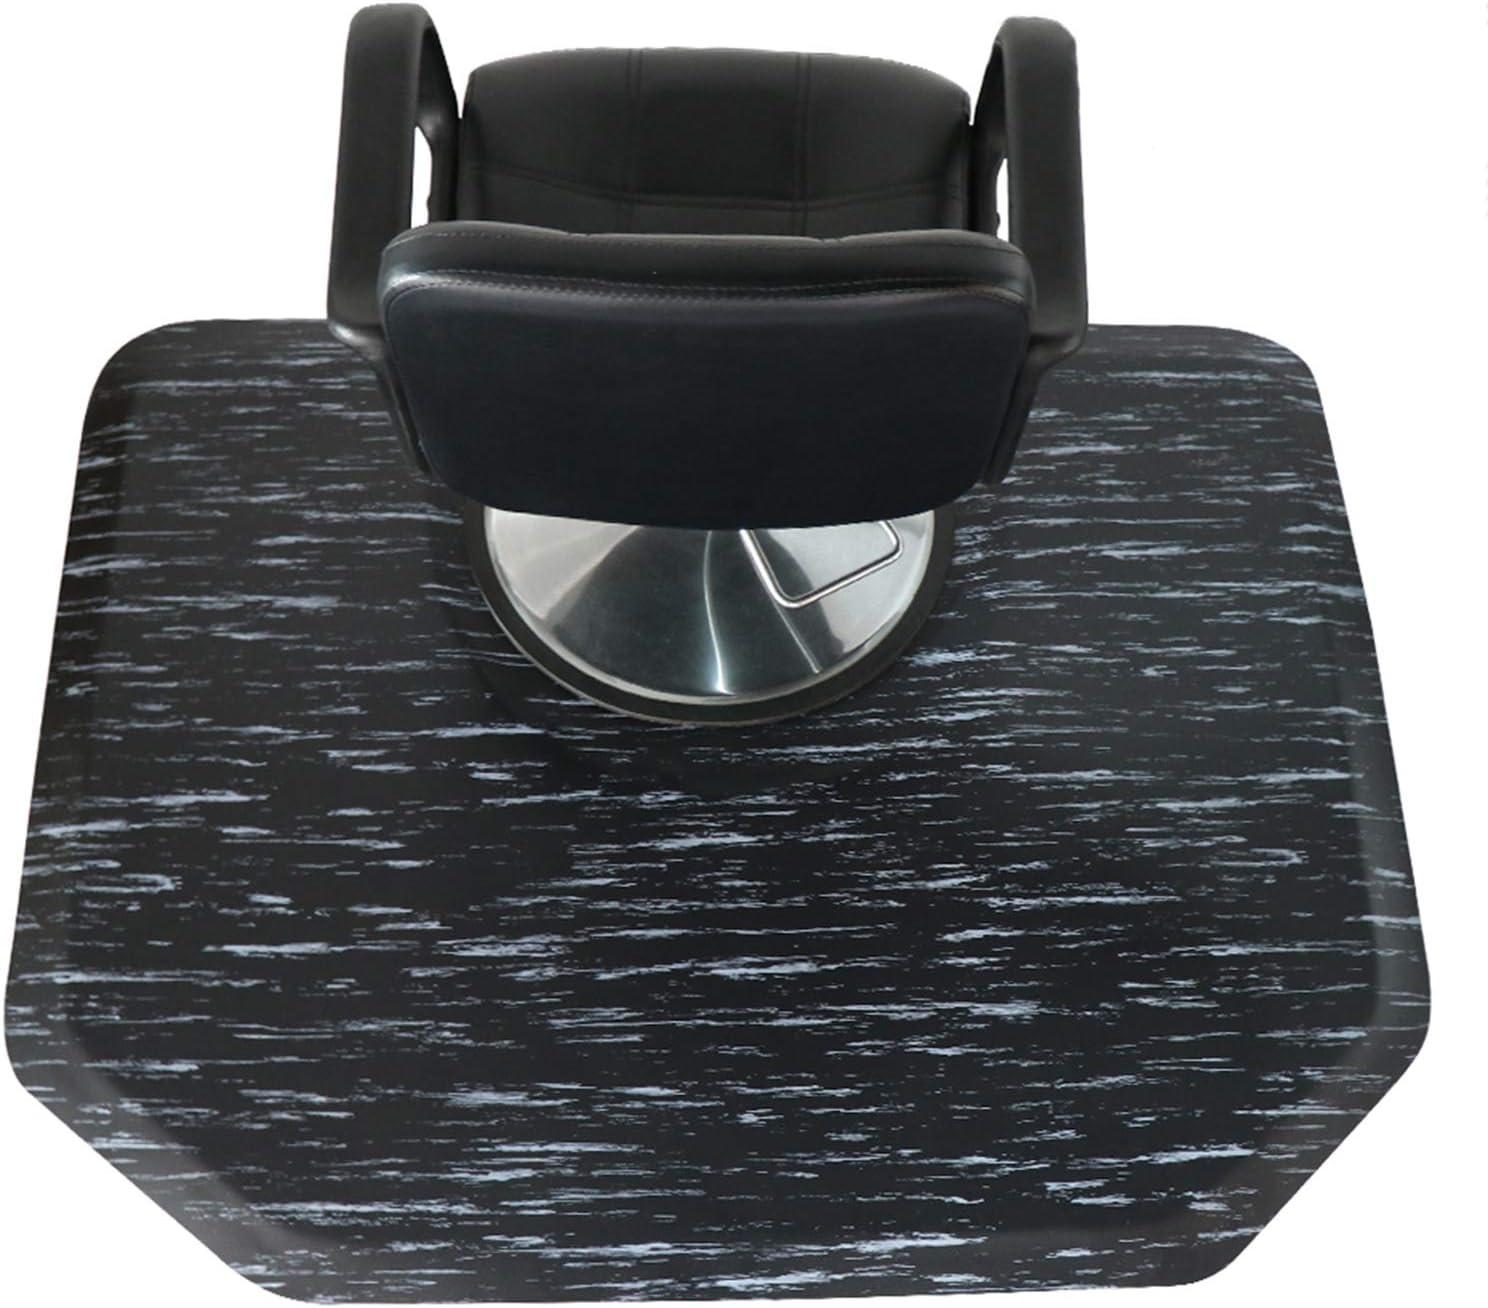 Ergohead Salon 買収 Mat お買い得品 5′x 4′Hexagon Chair Shop Anti-Fati Barber